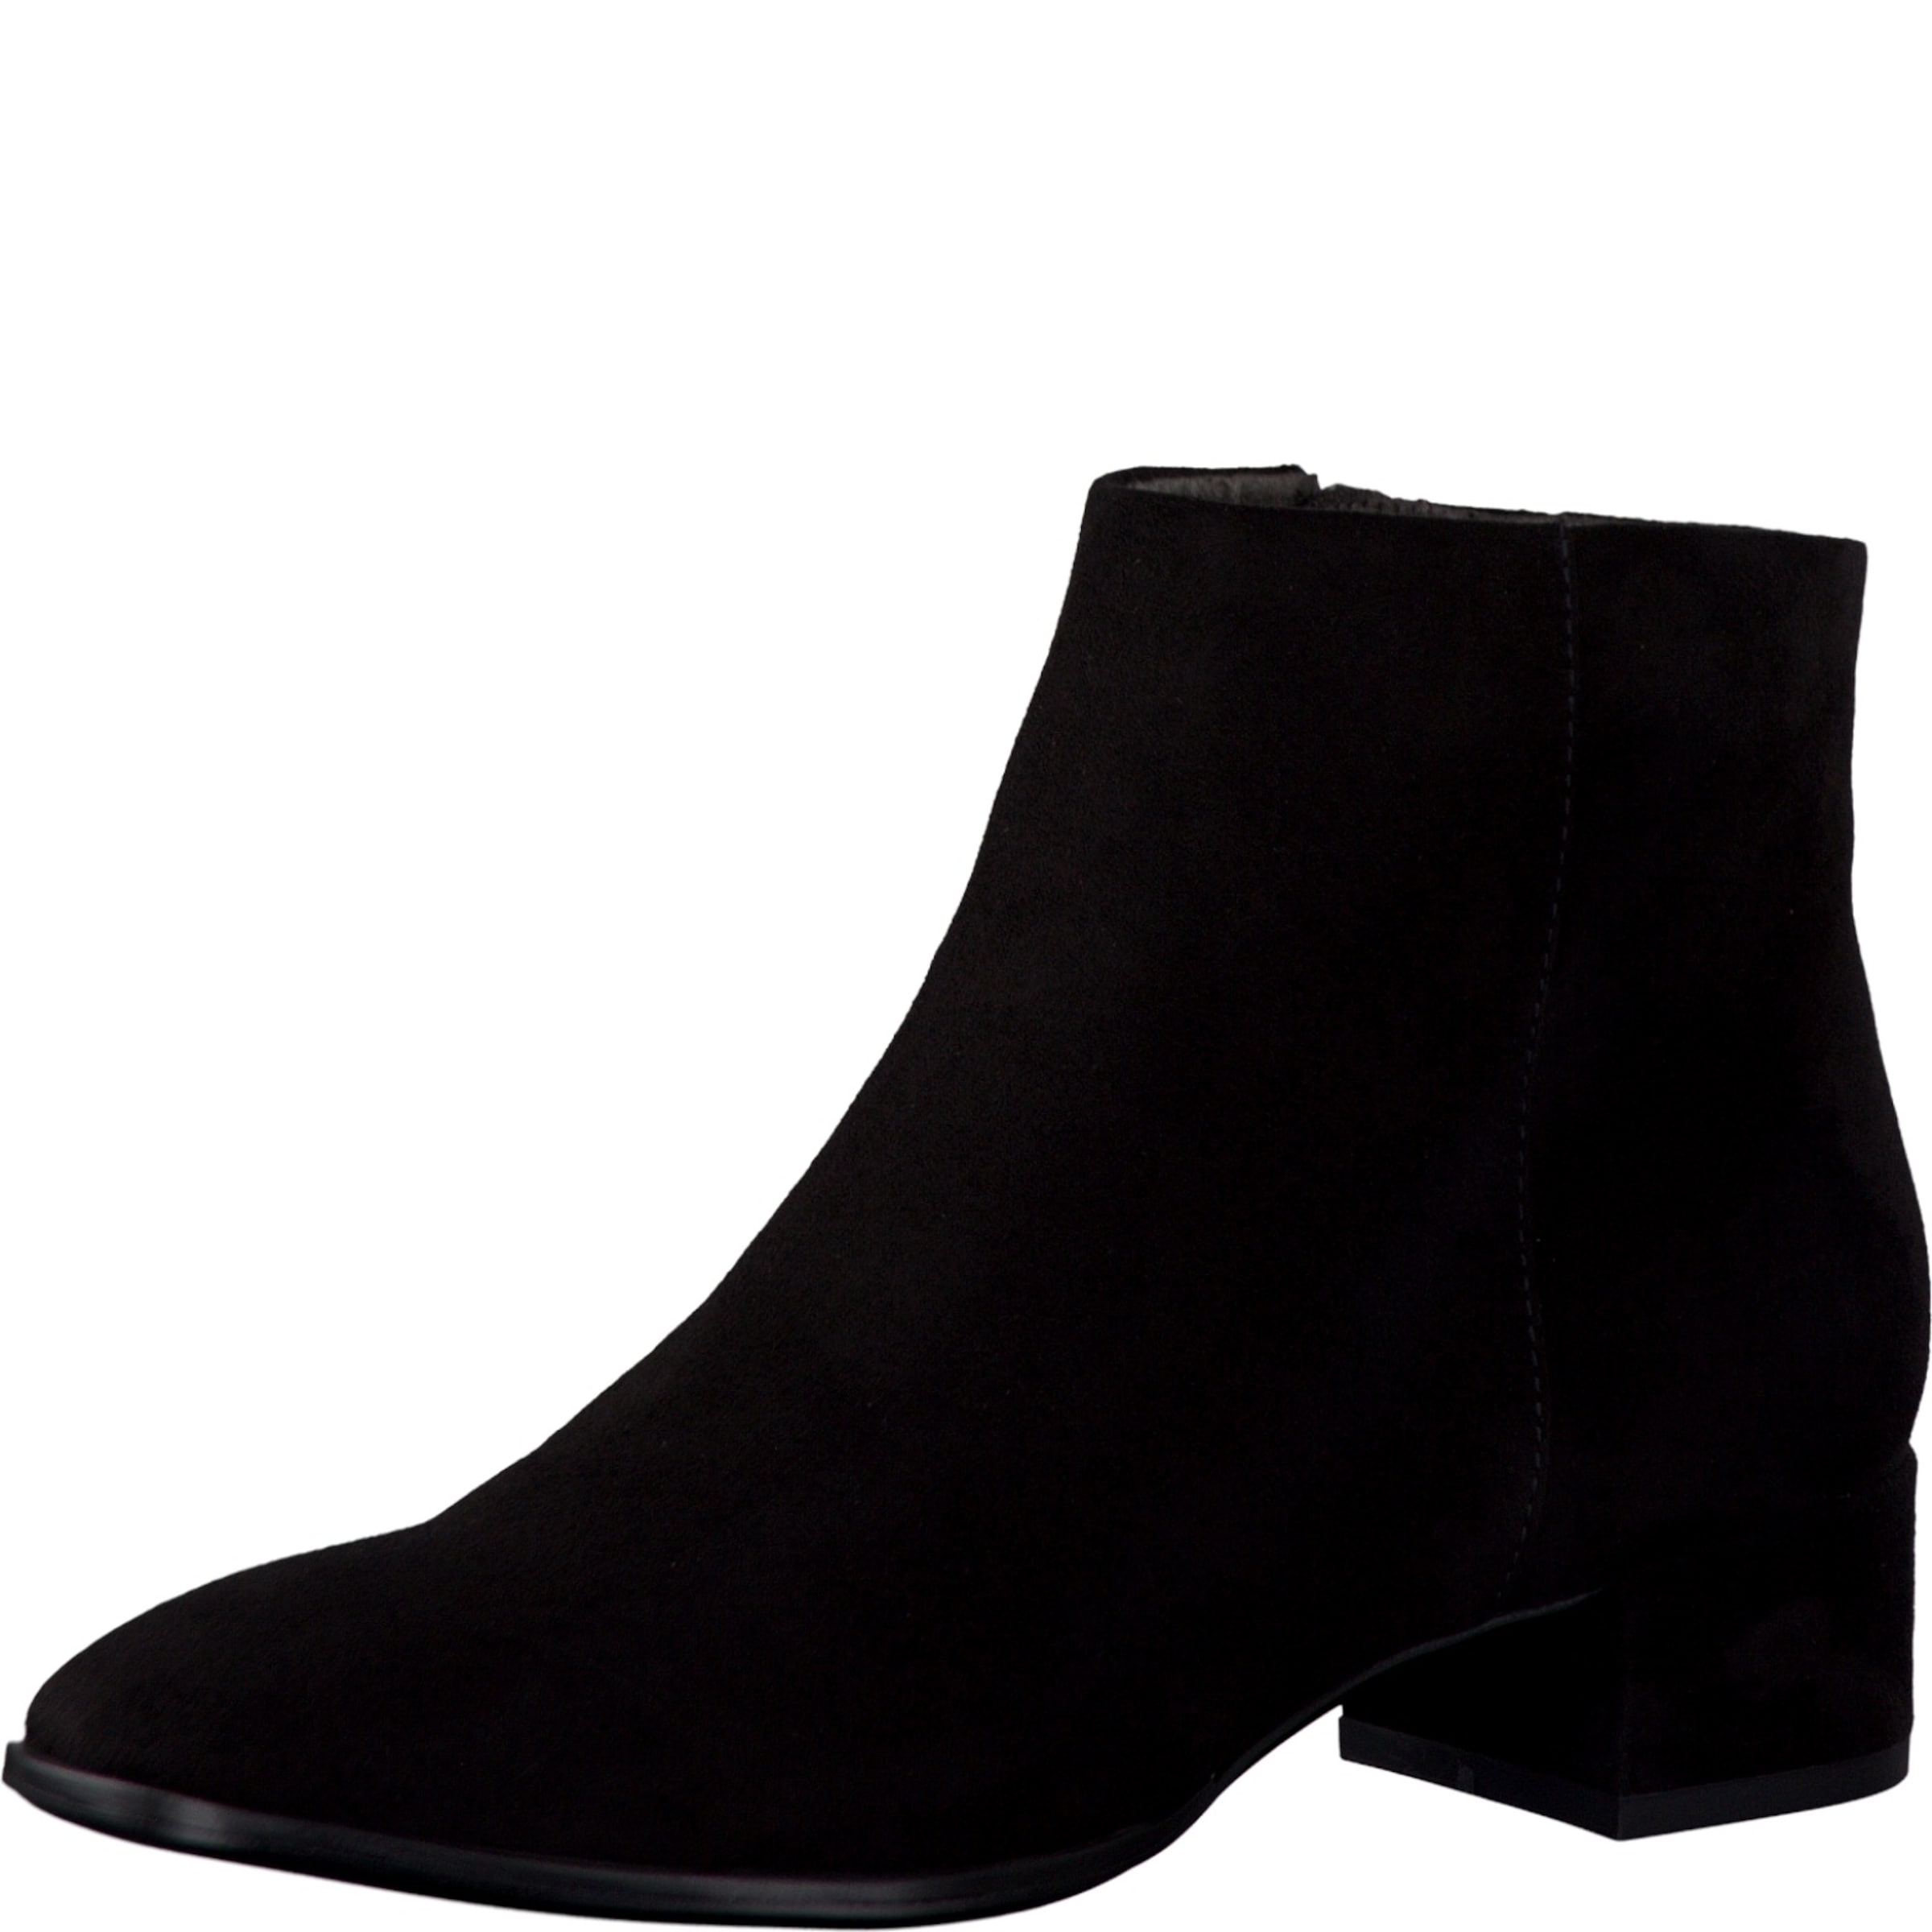 TAMARIS Ankleboot Suede Verschleißfeste billige Schuhe